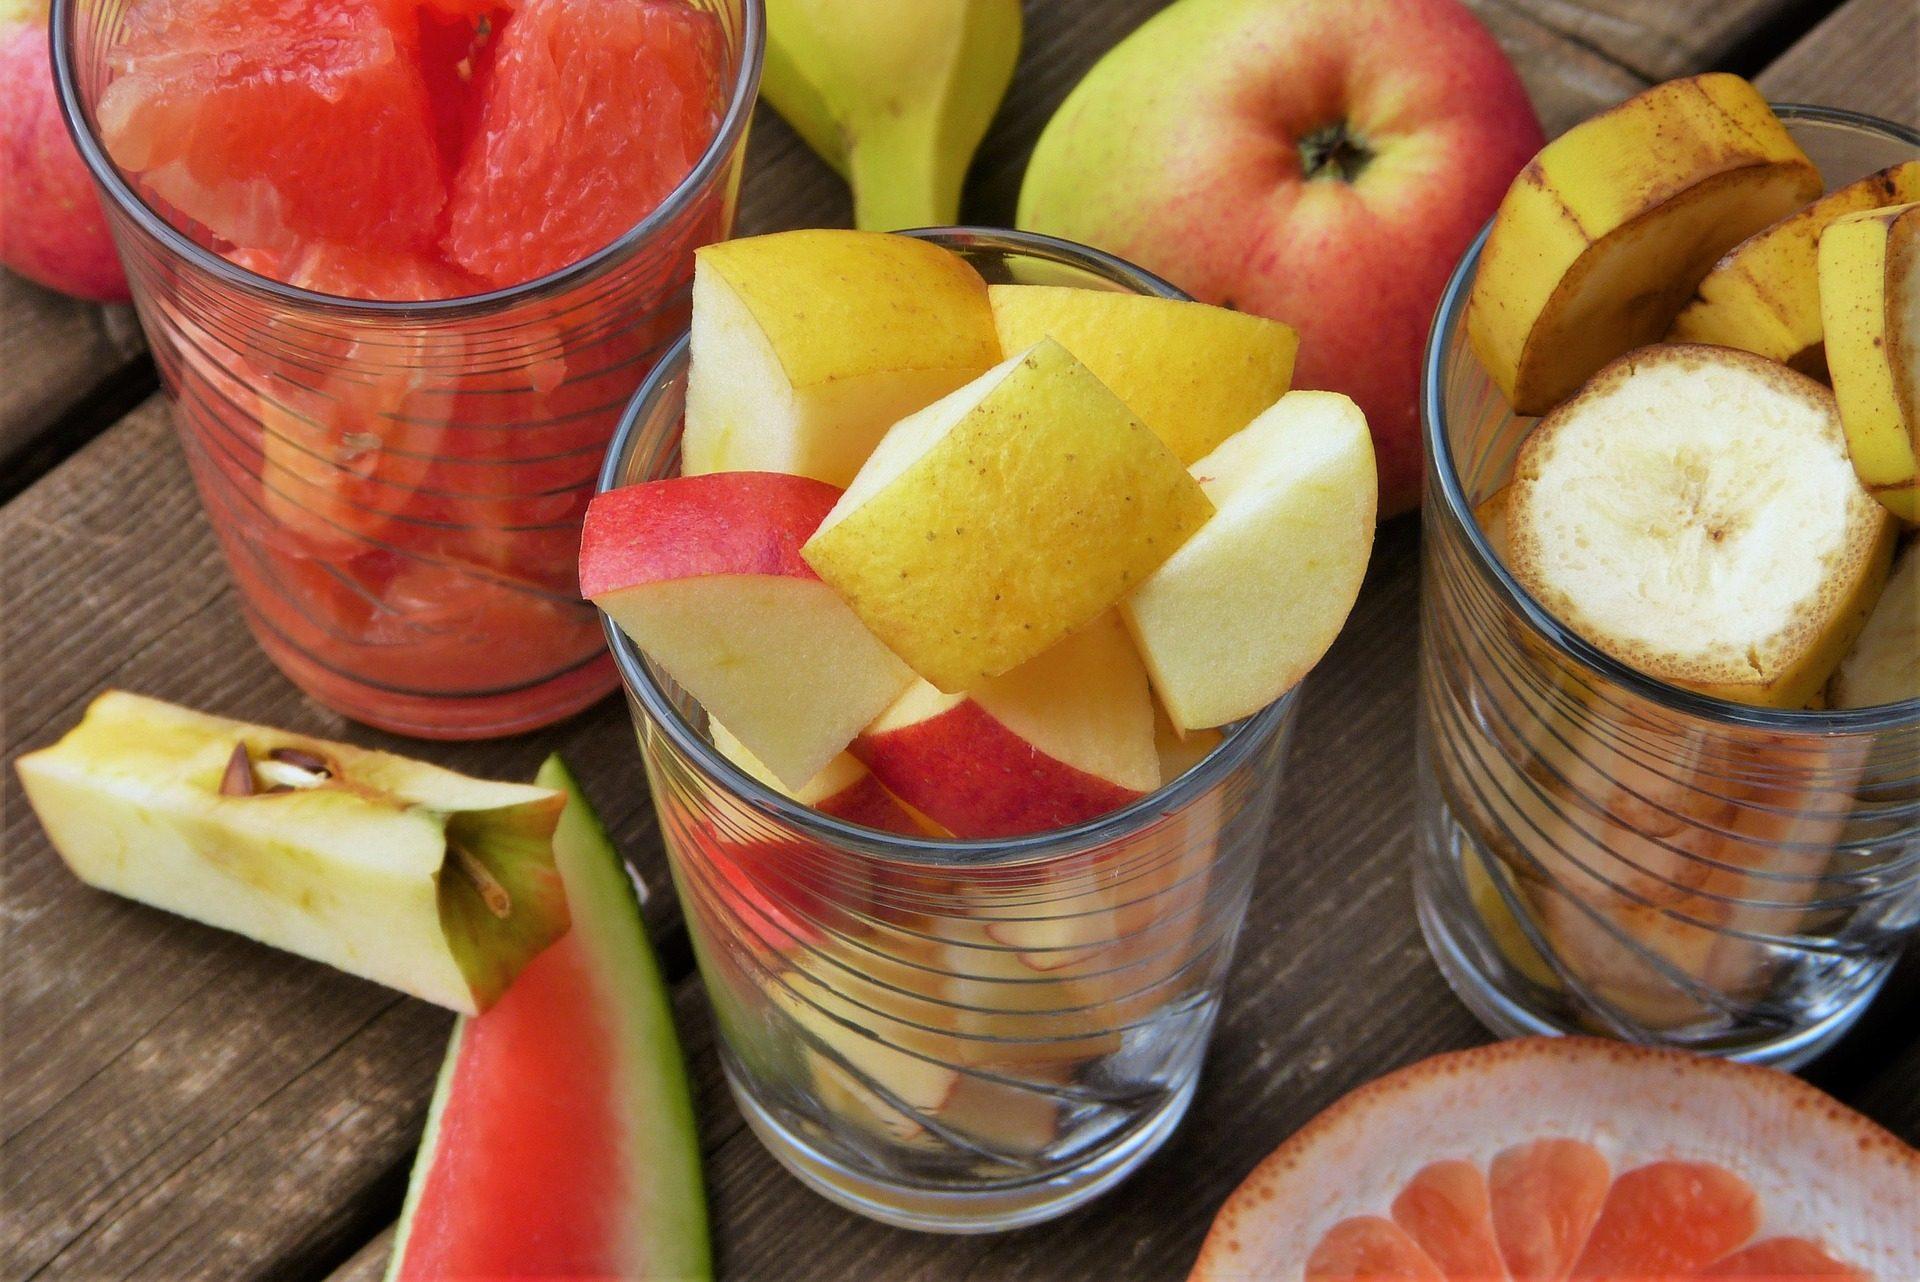 Obst, Schiffe, Crystal, Apple, Sandía, Bananen - Wallpaper HD - Prof.-falken.com